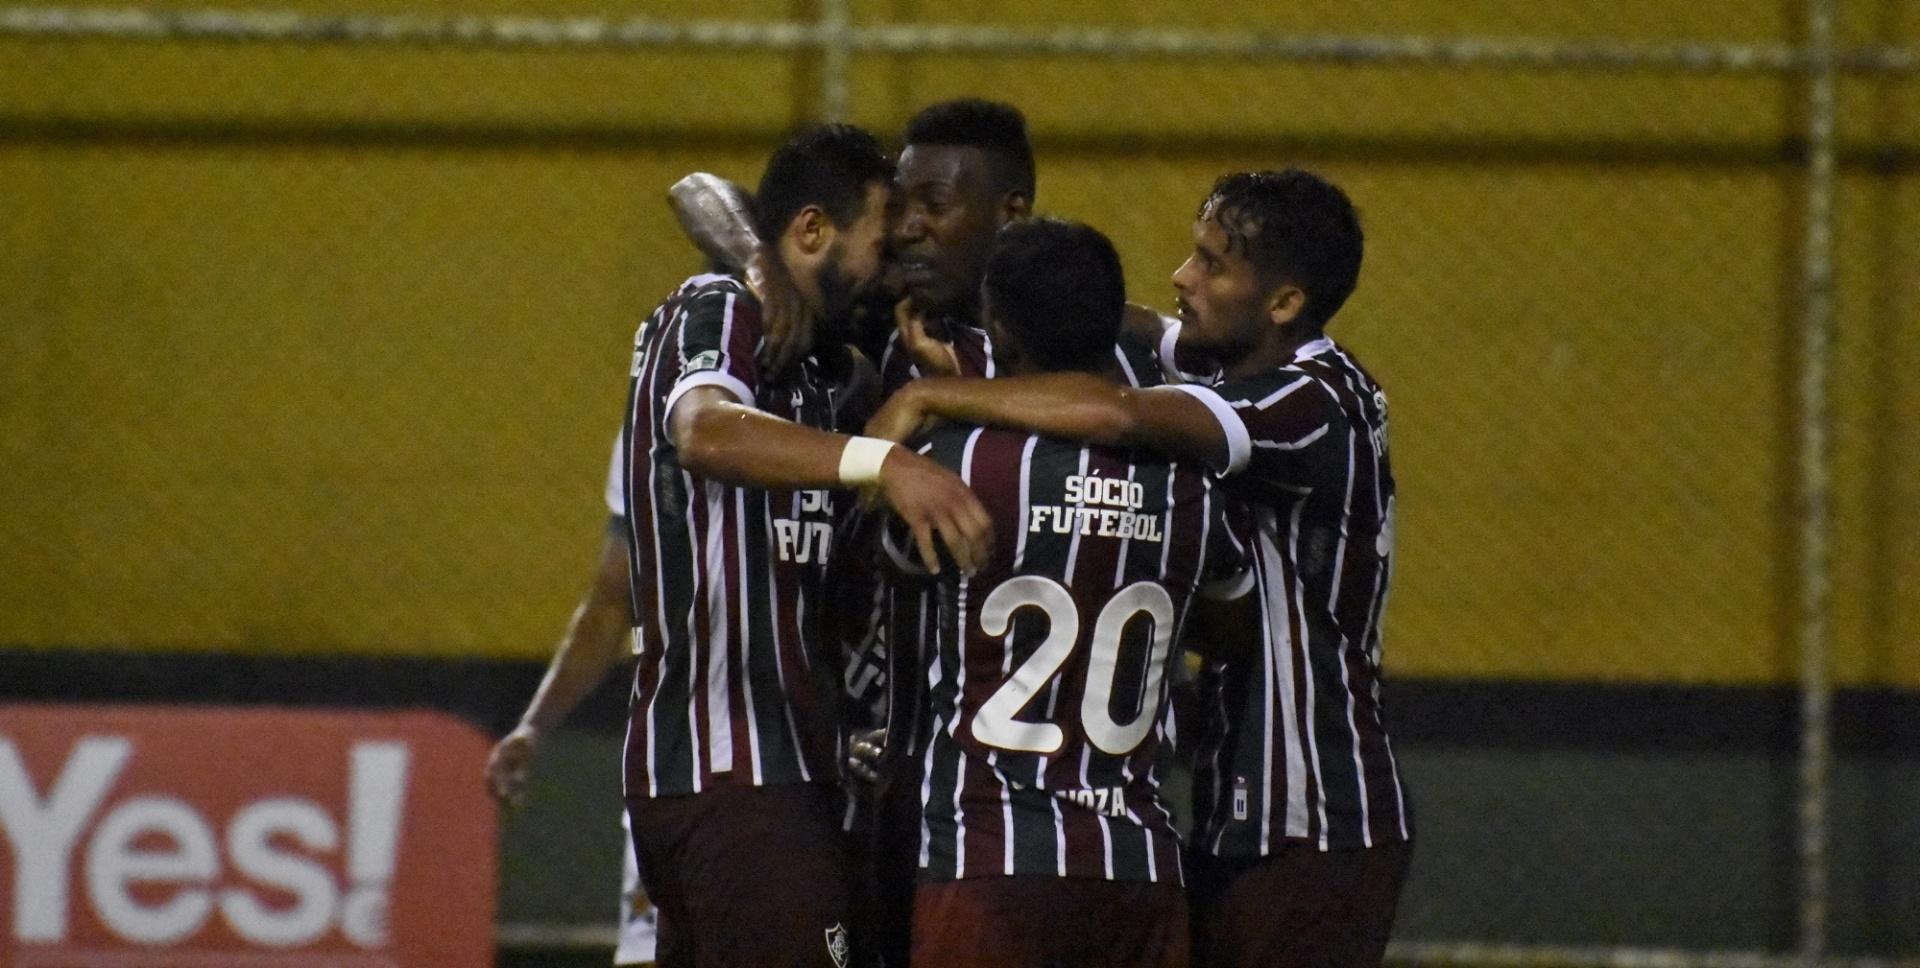 Jogadores do Fluminense comemoram um gol contra a Portuguesa